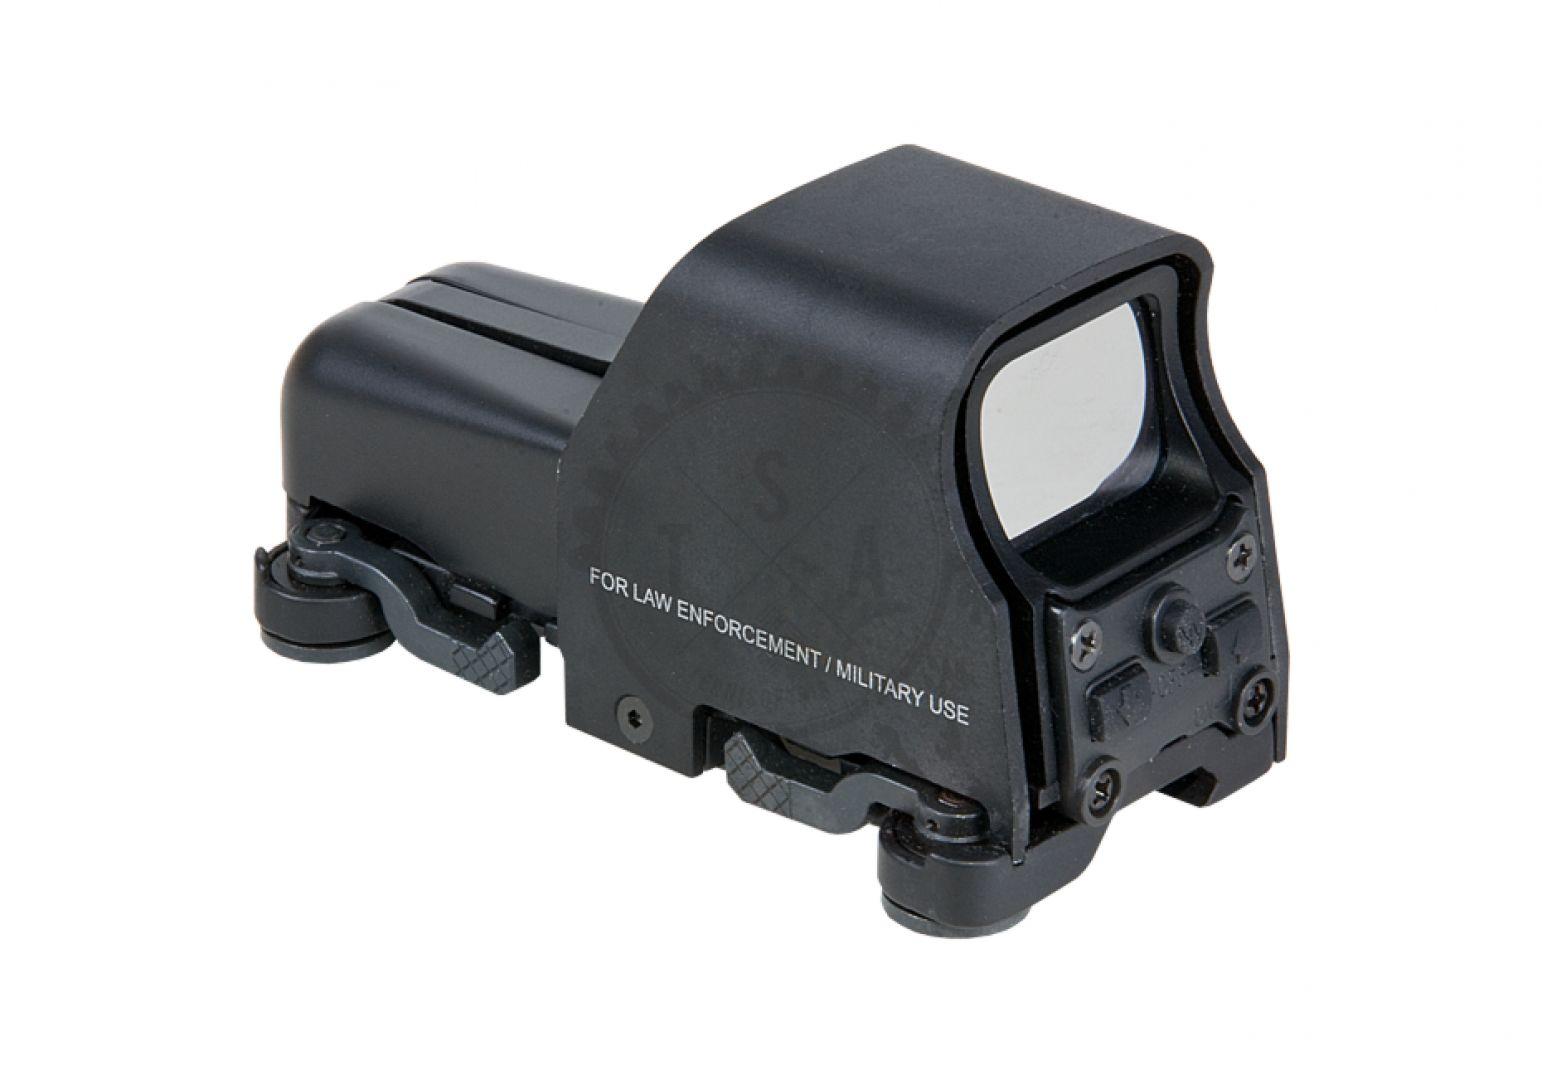 Red-dot eotech 553 replica